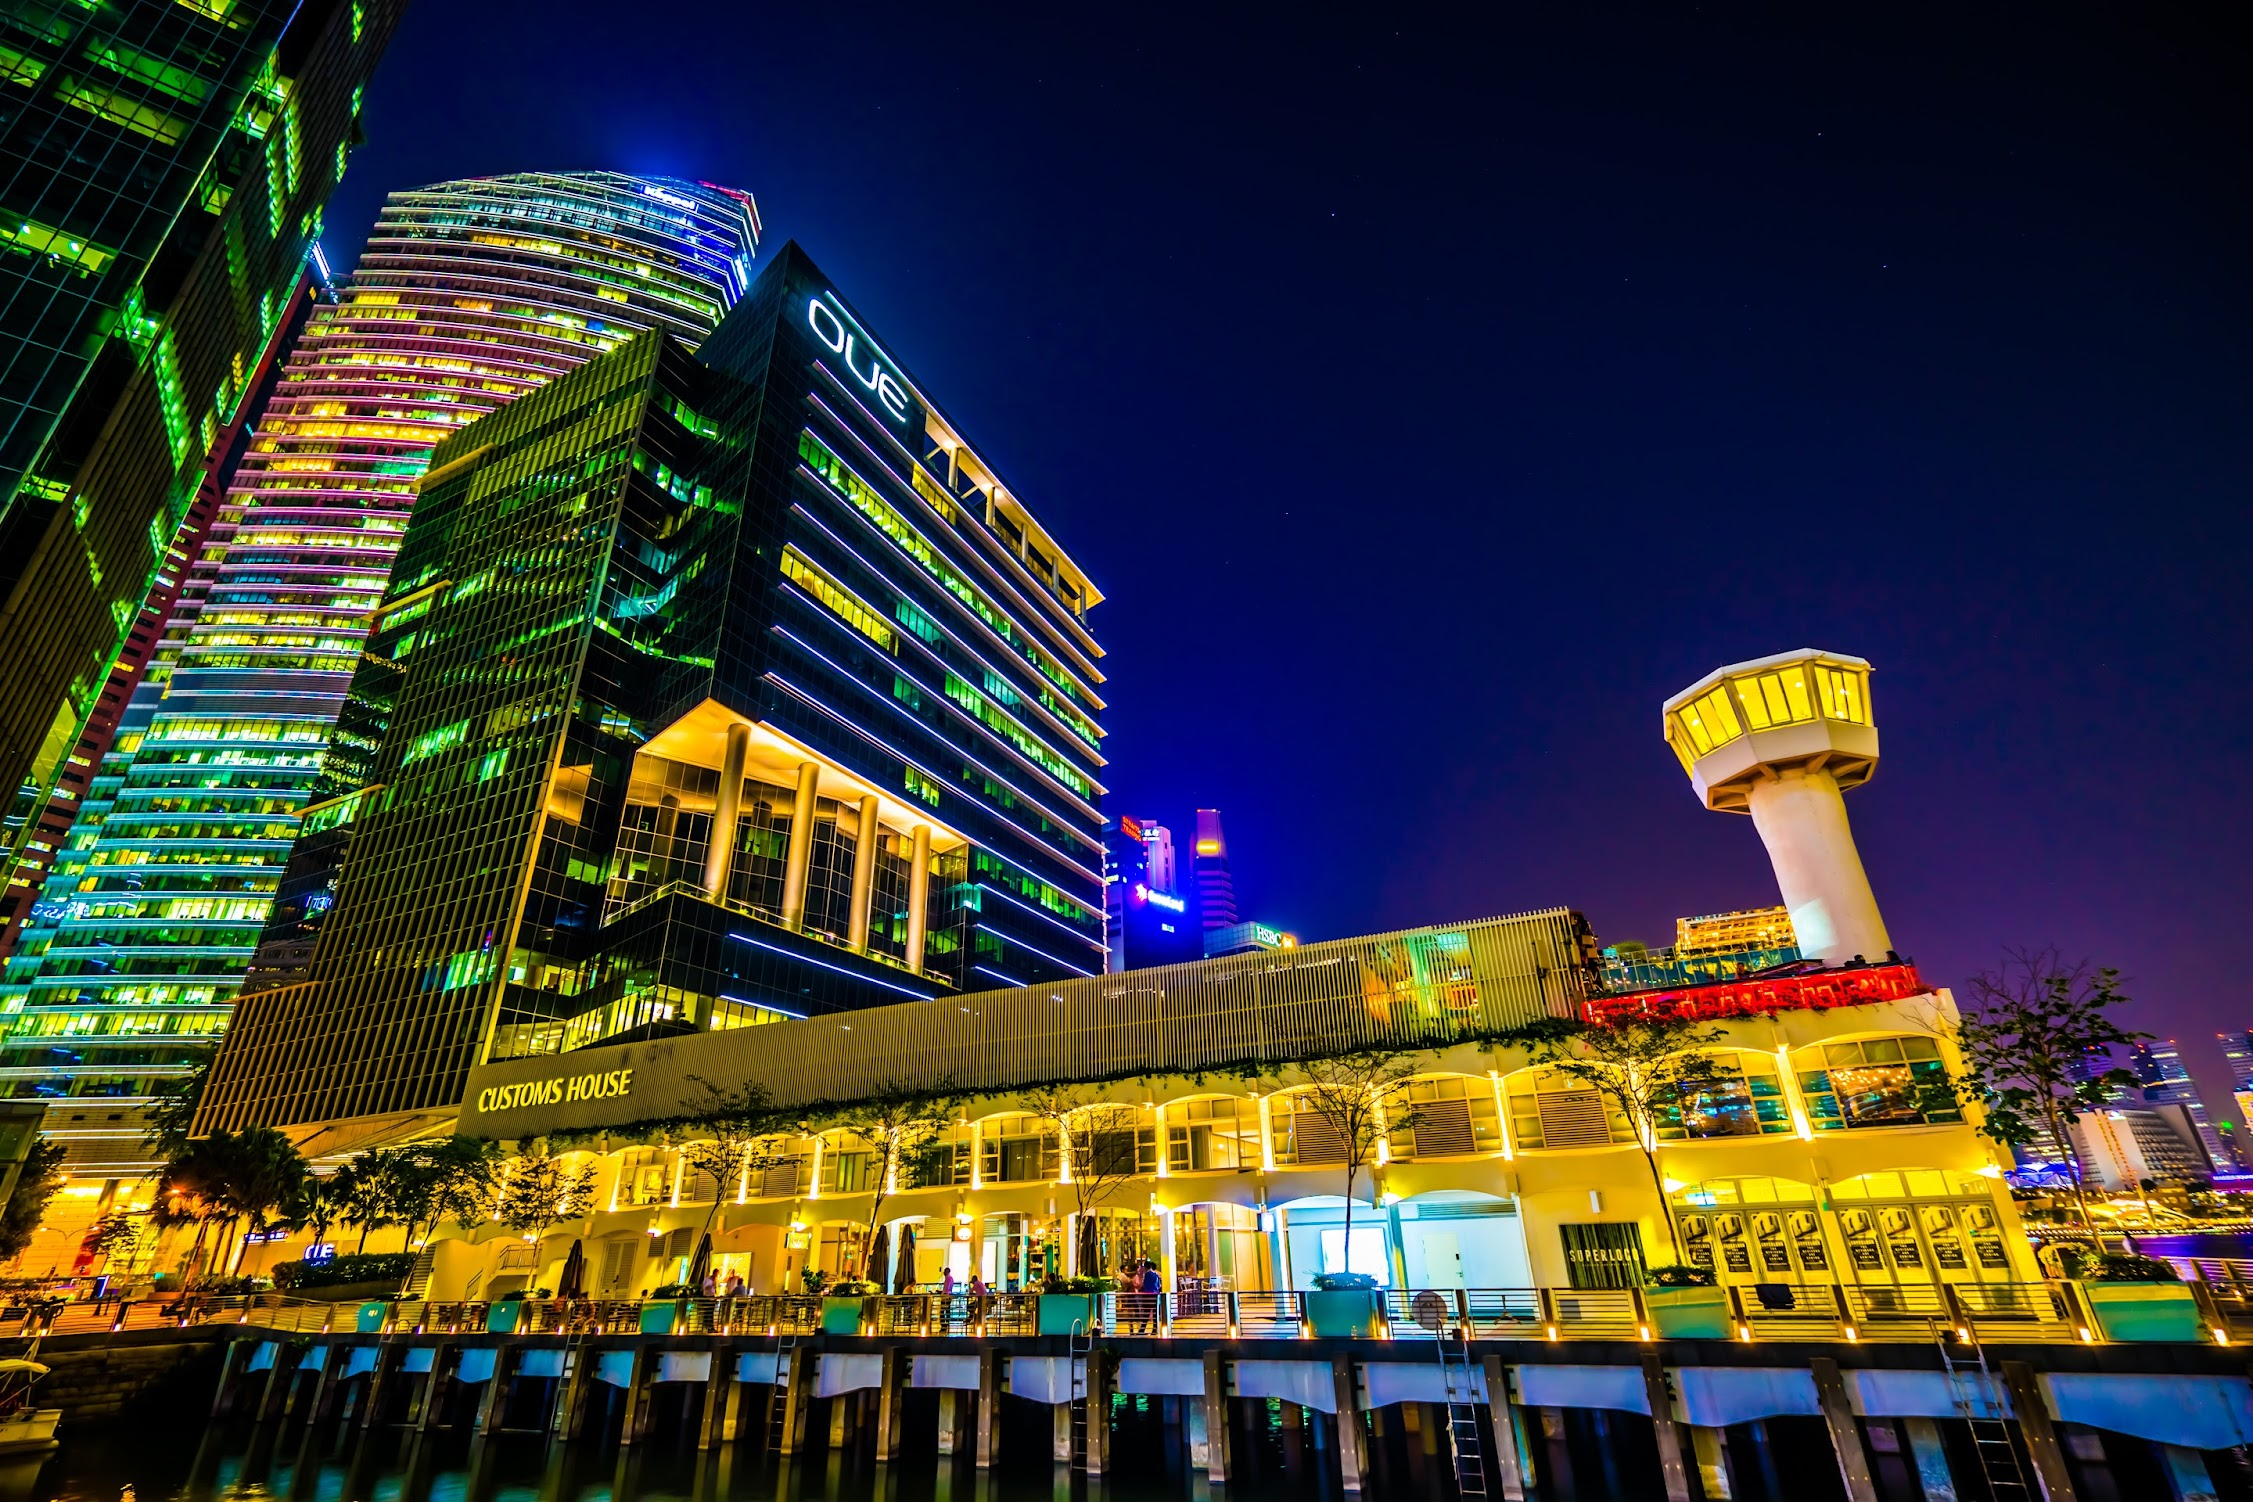 シンガポール カスタムハウス 夜景